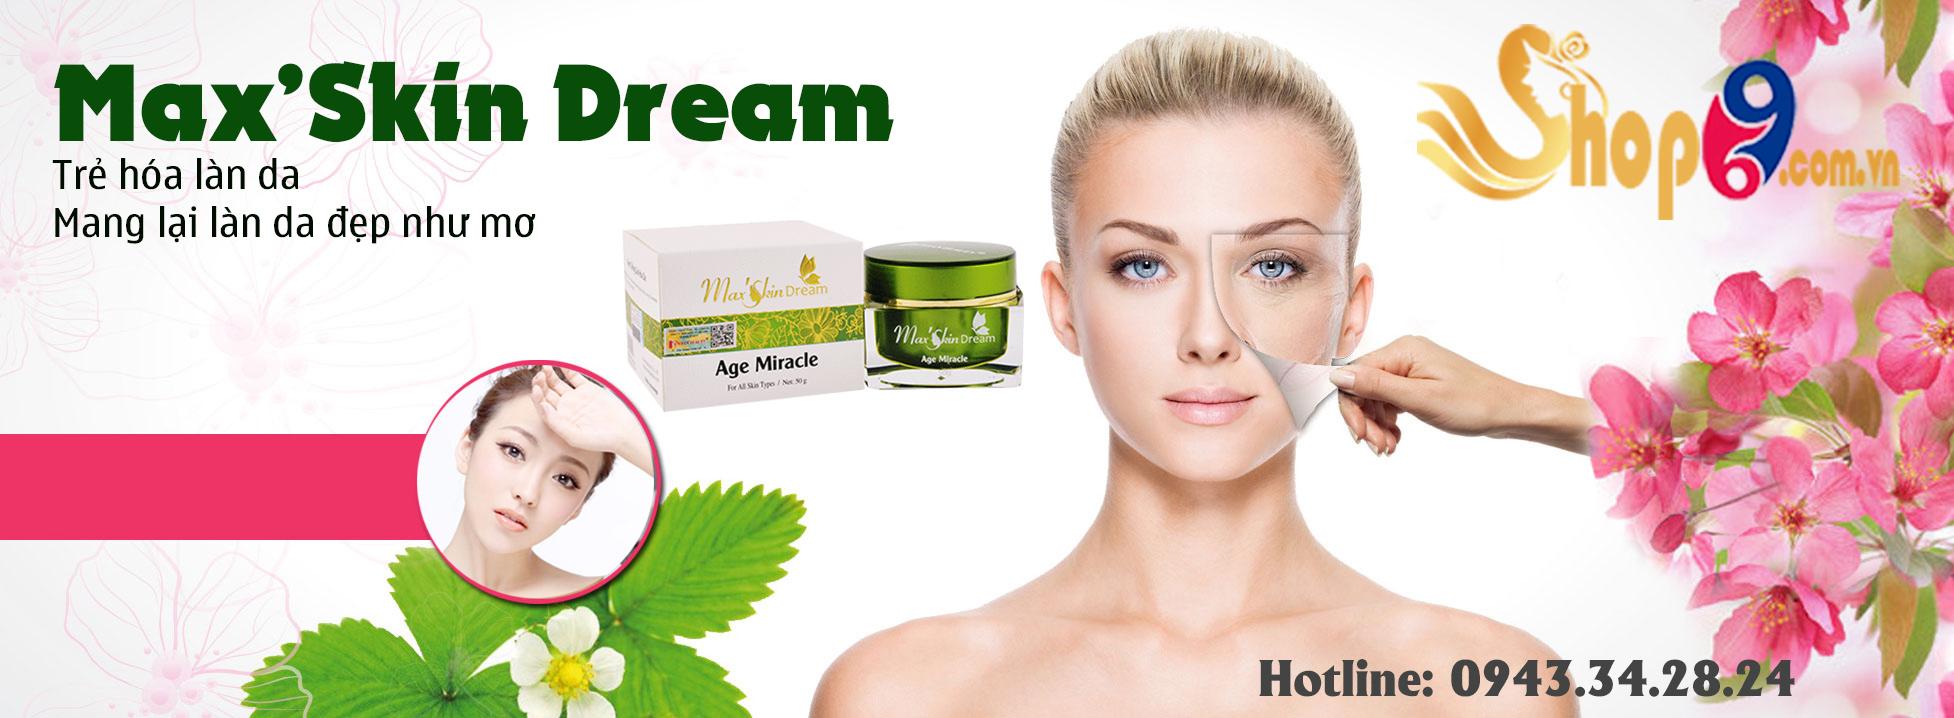 sản phẩm max'skin dream